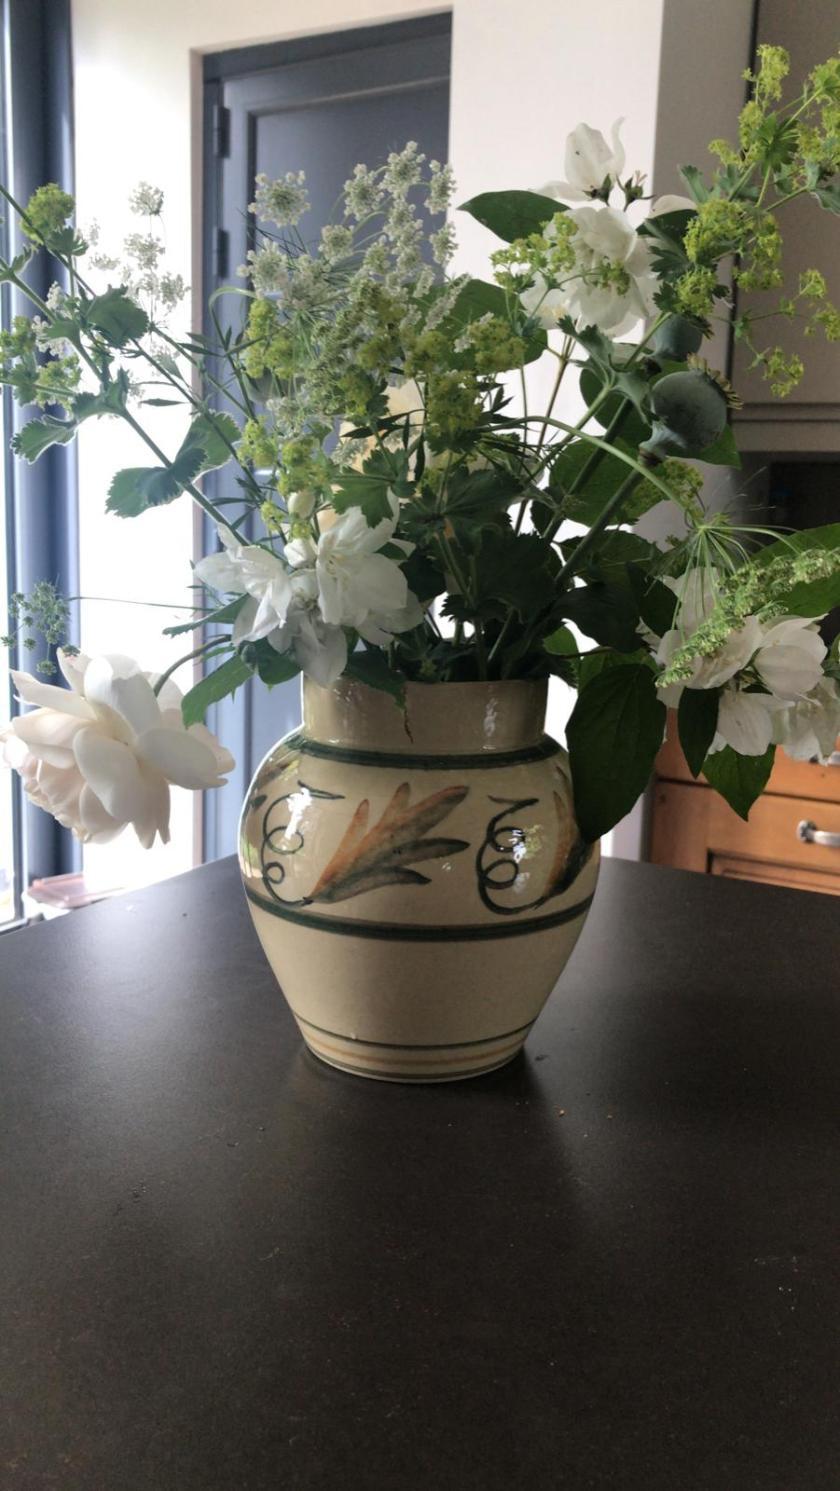 Pauline's vase